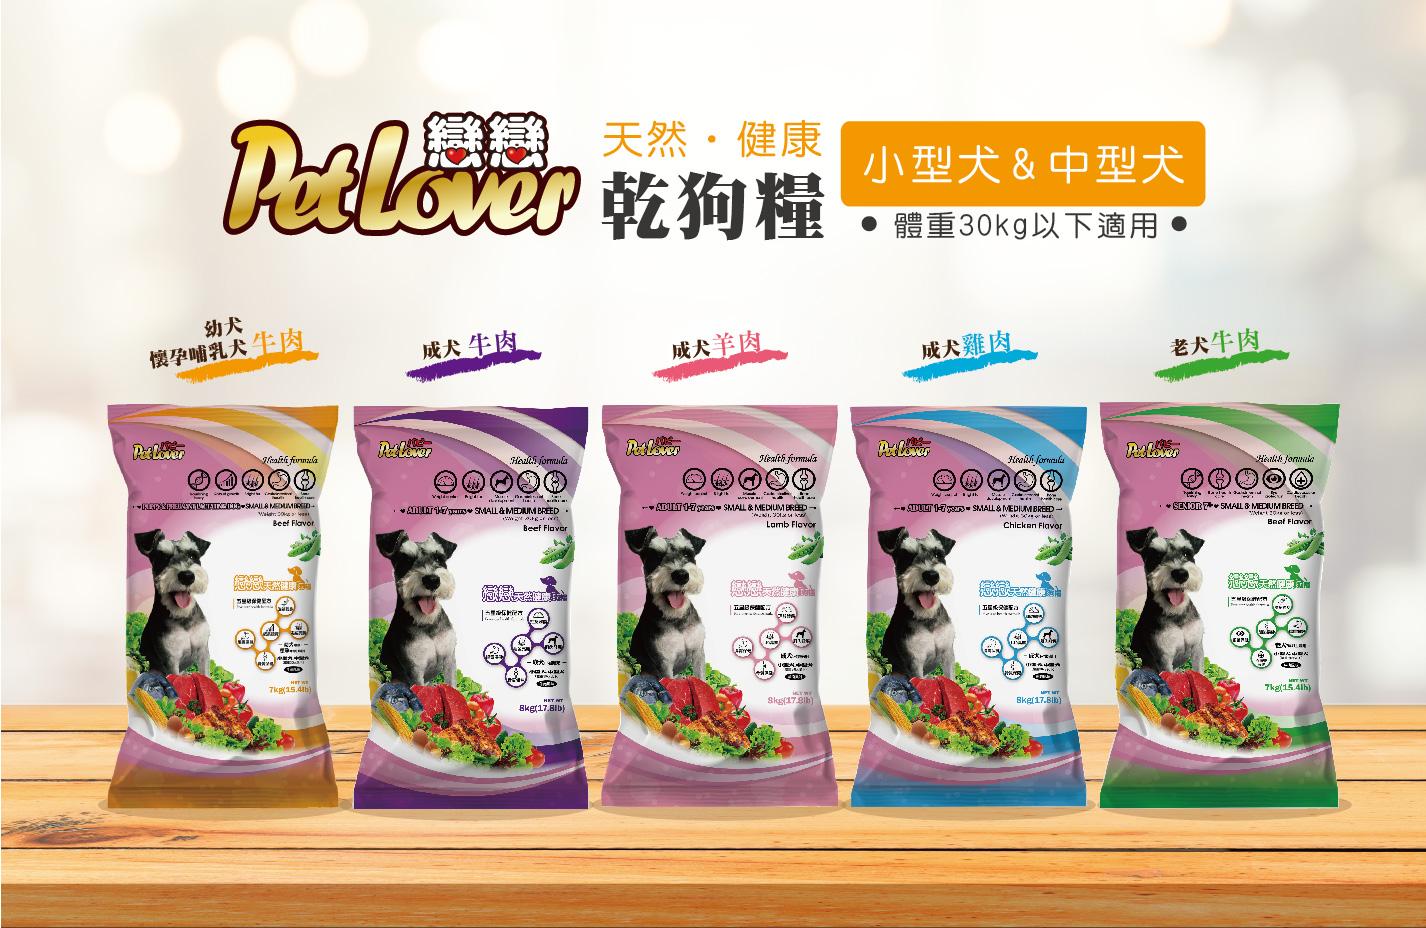 天然健康的狗狗乾糧,中型犬&小型犬適用 | 全球寵物